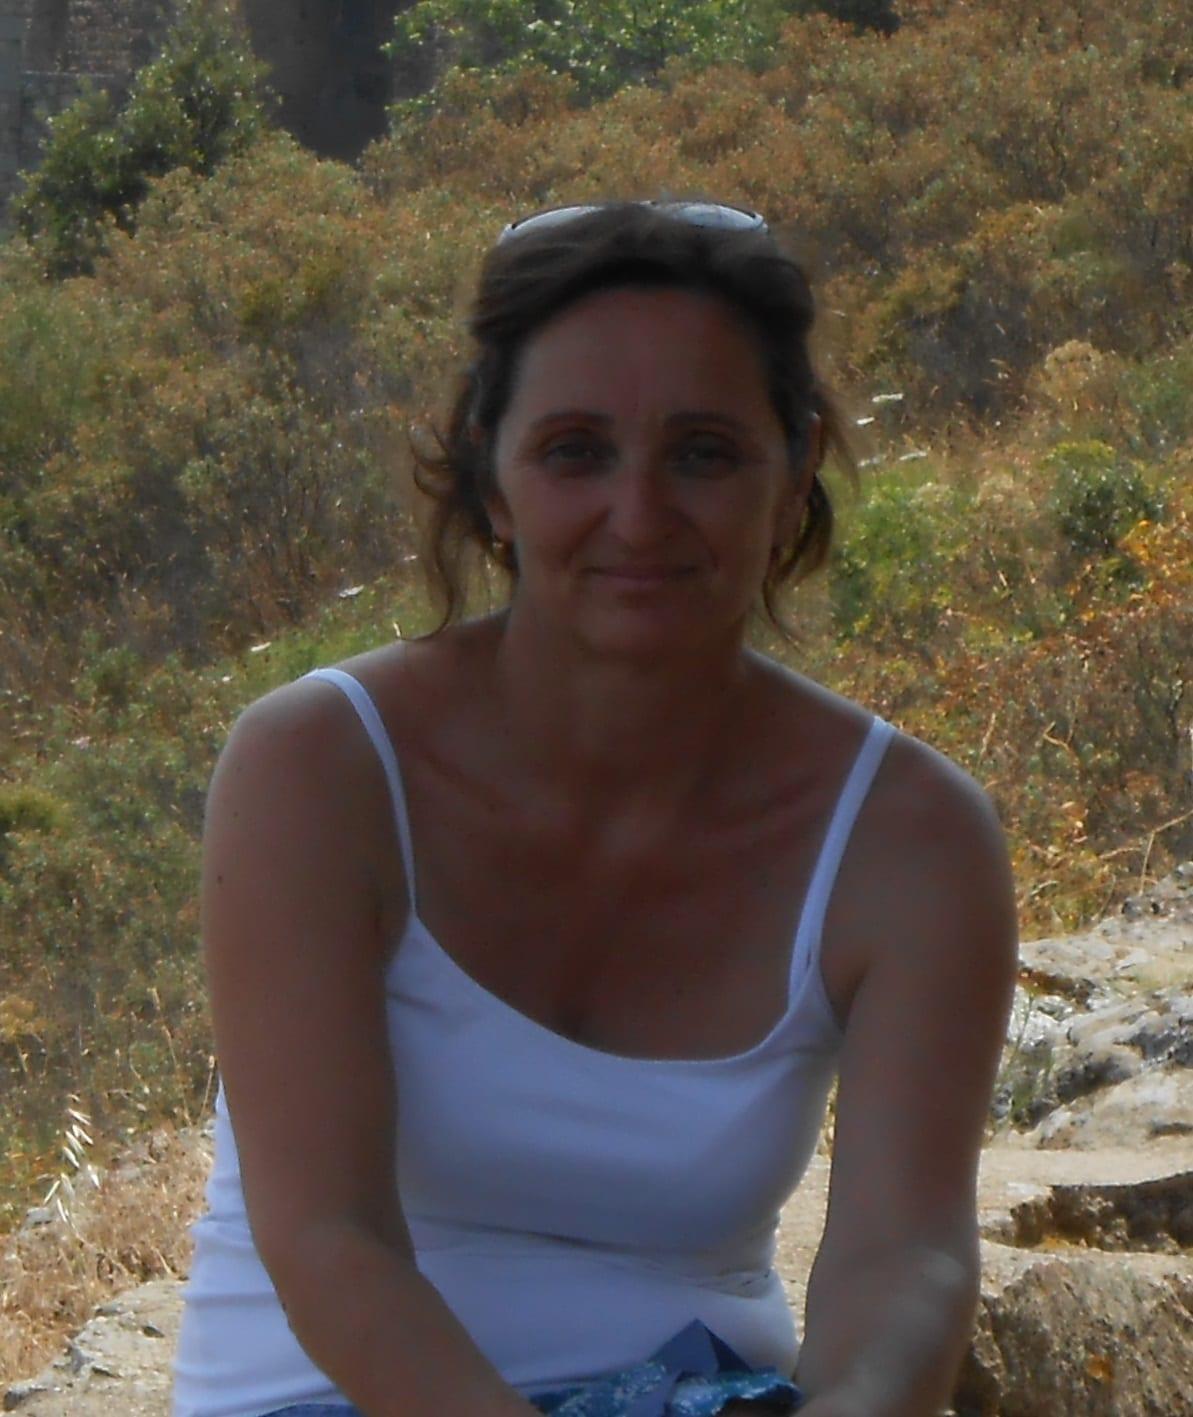 Miquela from Llucmajor